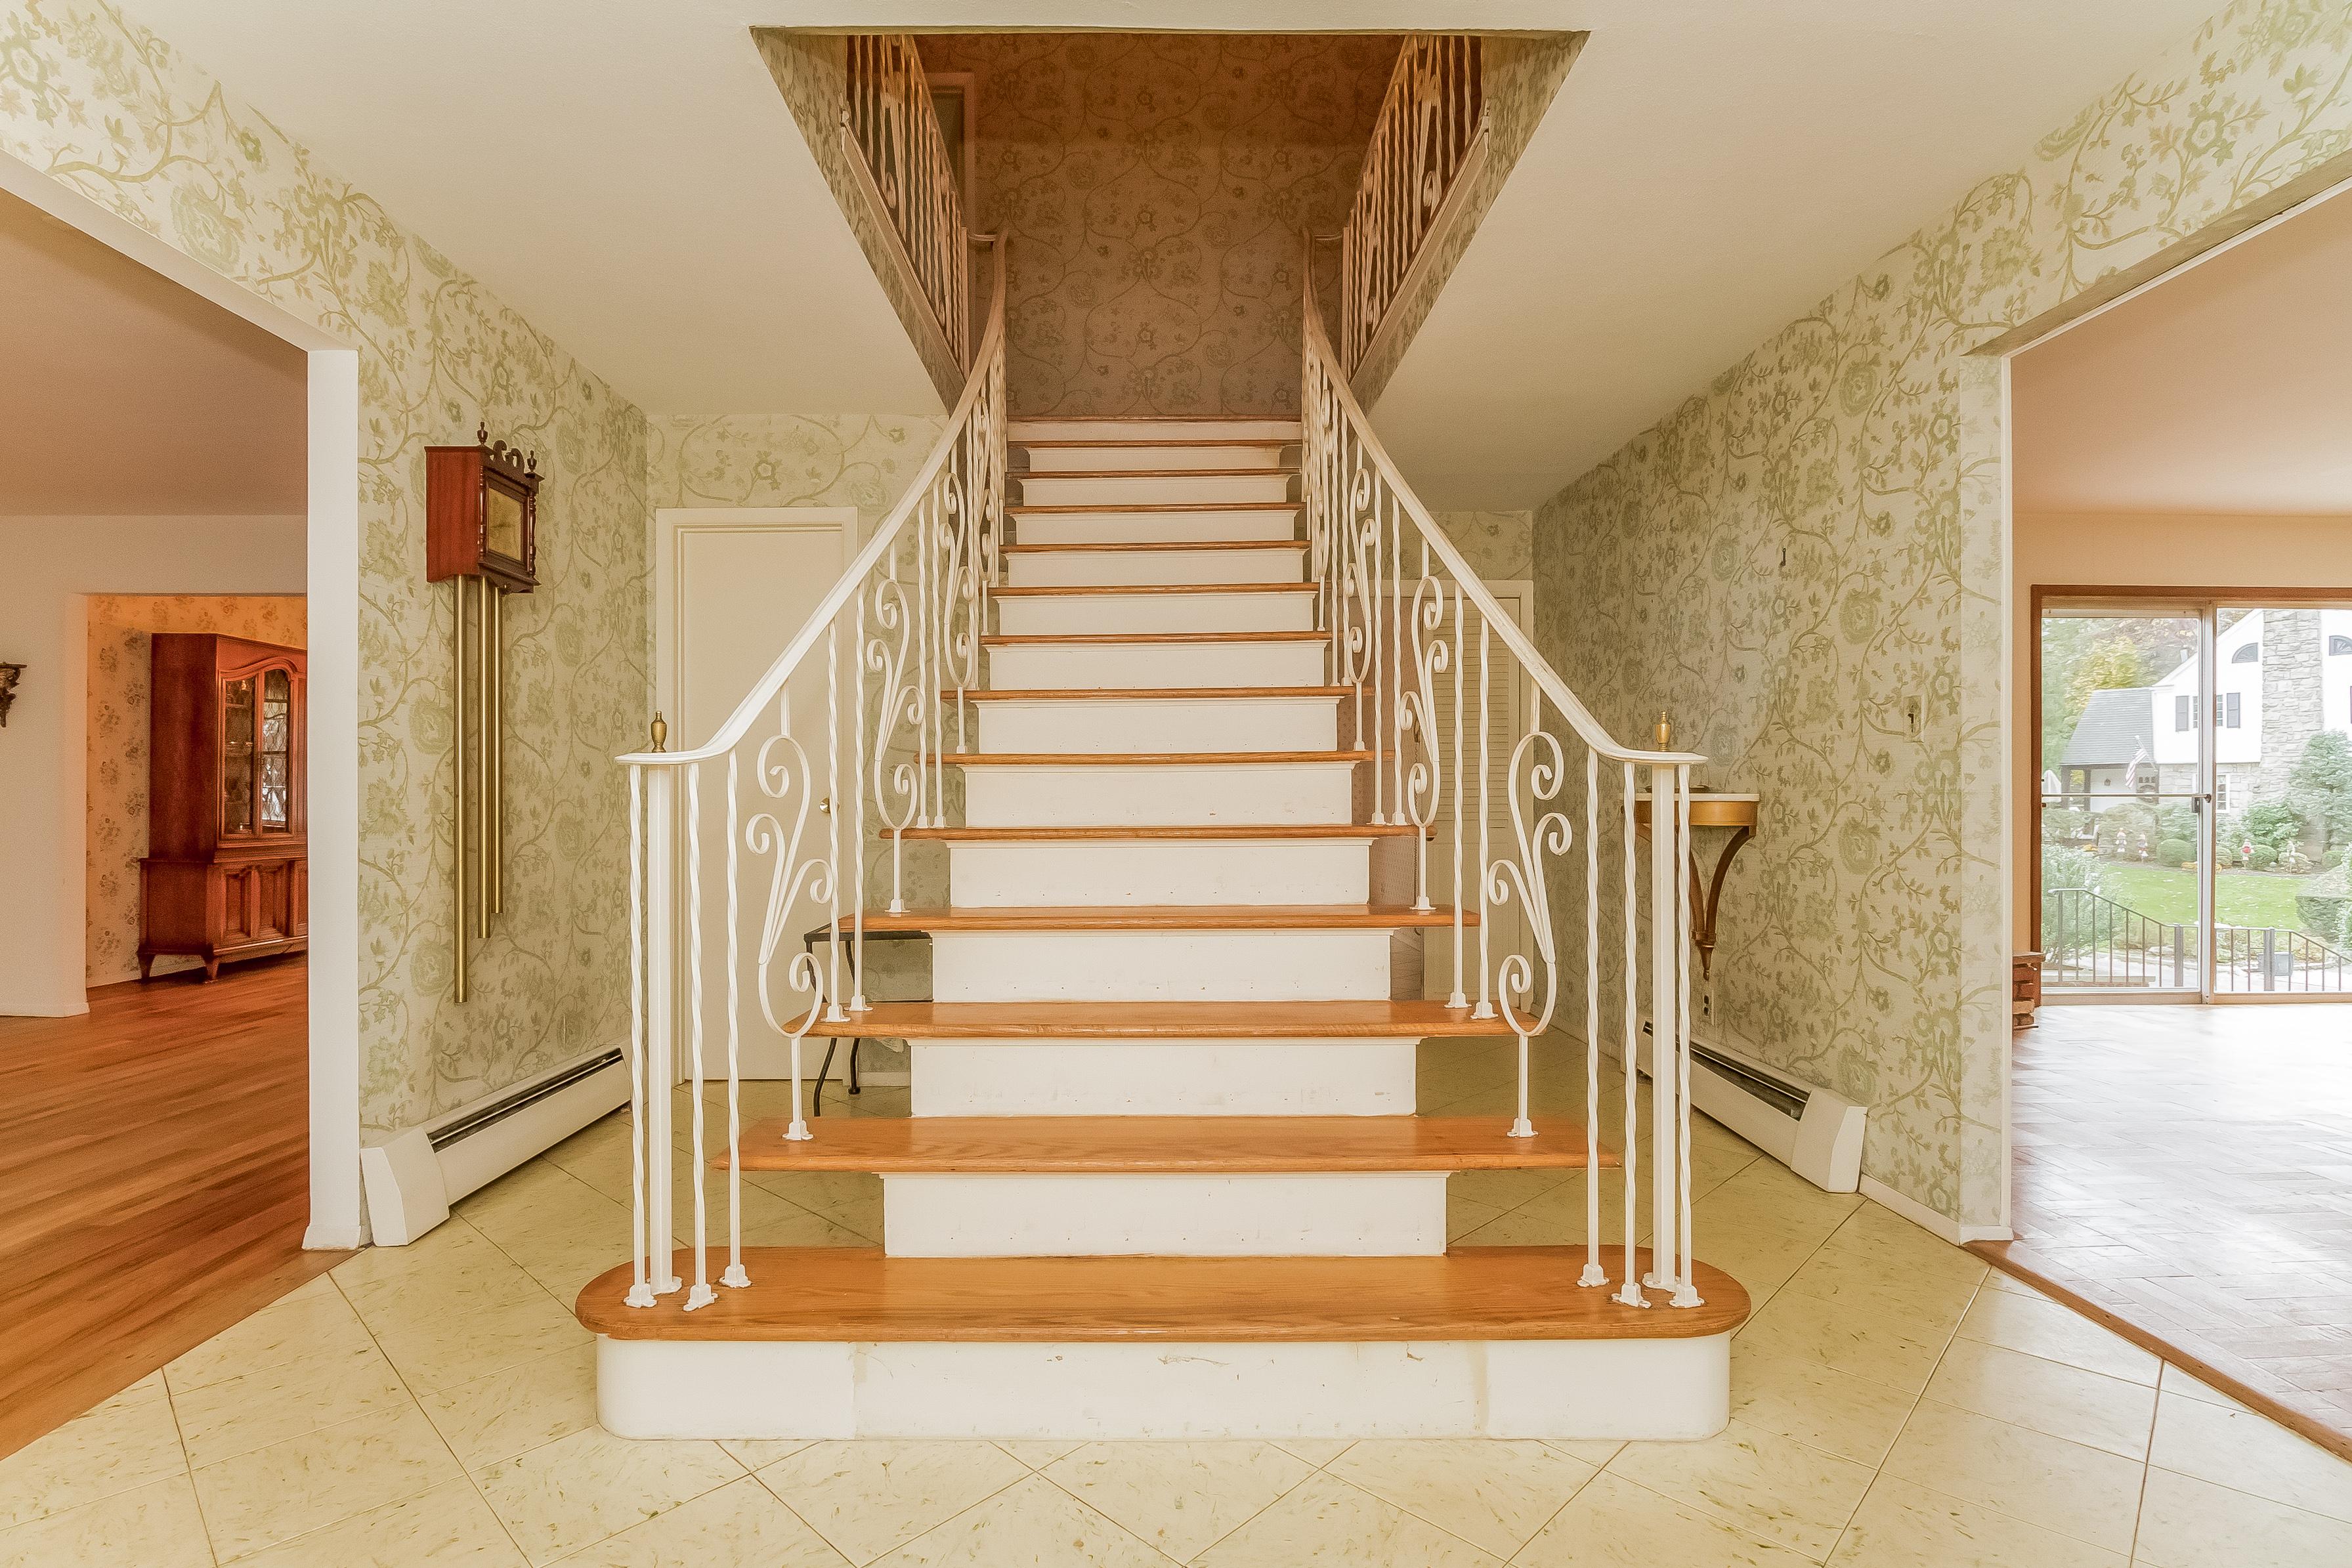 独户住宅 为 销售 在 Colonial 36 Deepdale Dr 曼哈塞特, 纽约州 11030 美国